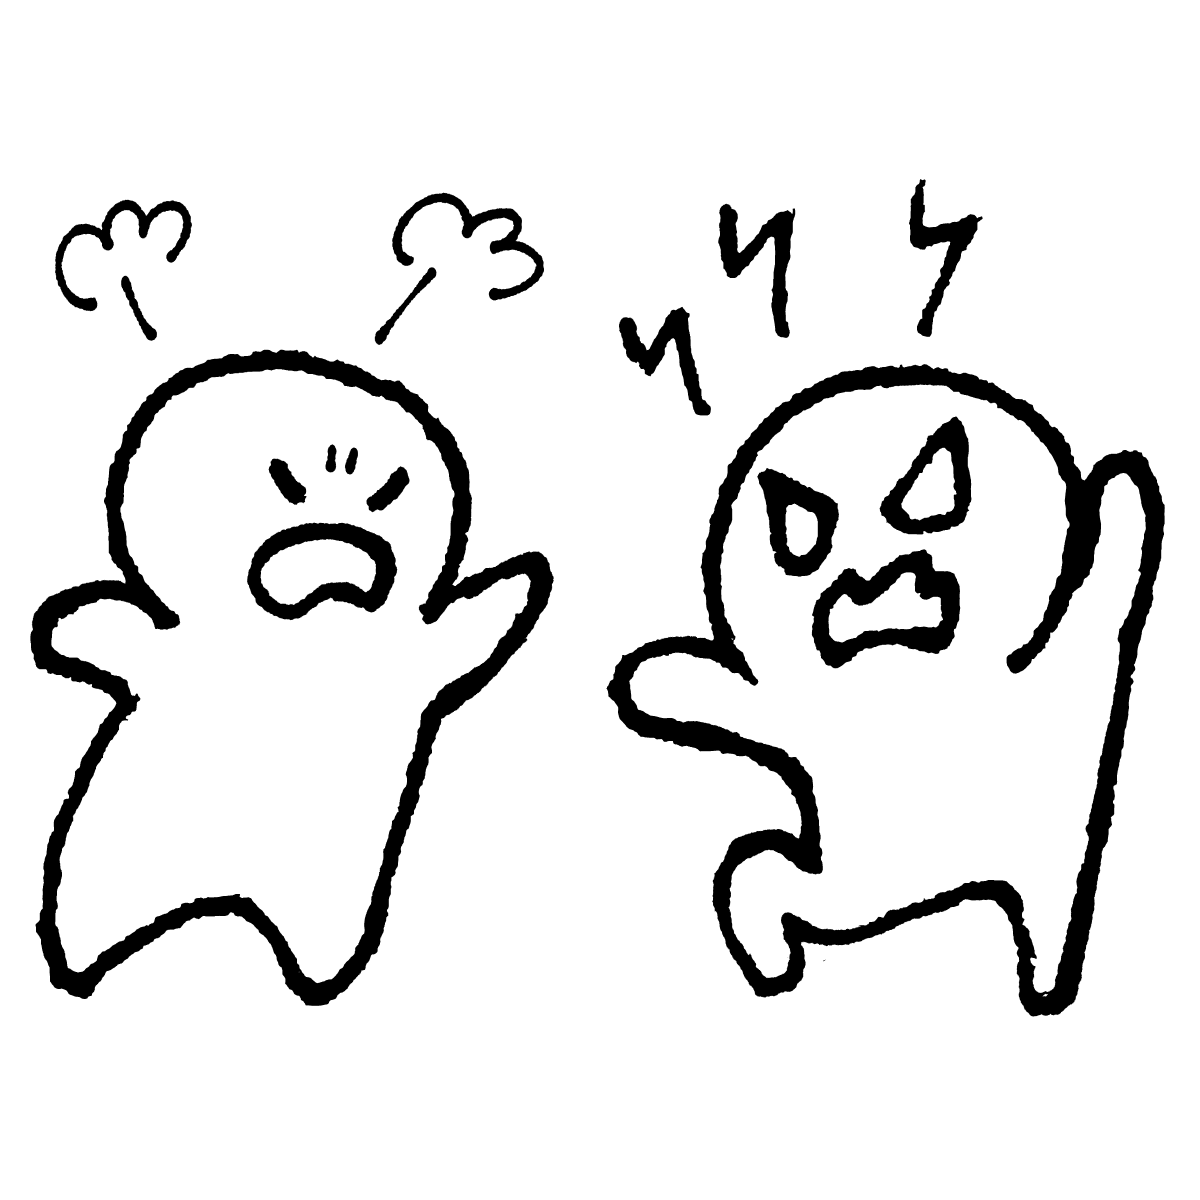 いがみ合うのイラスト Quarrel  Illustration